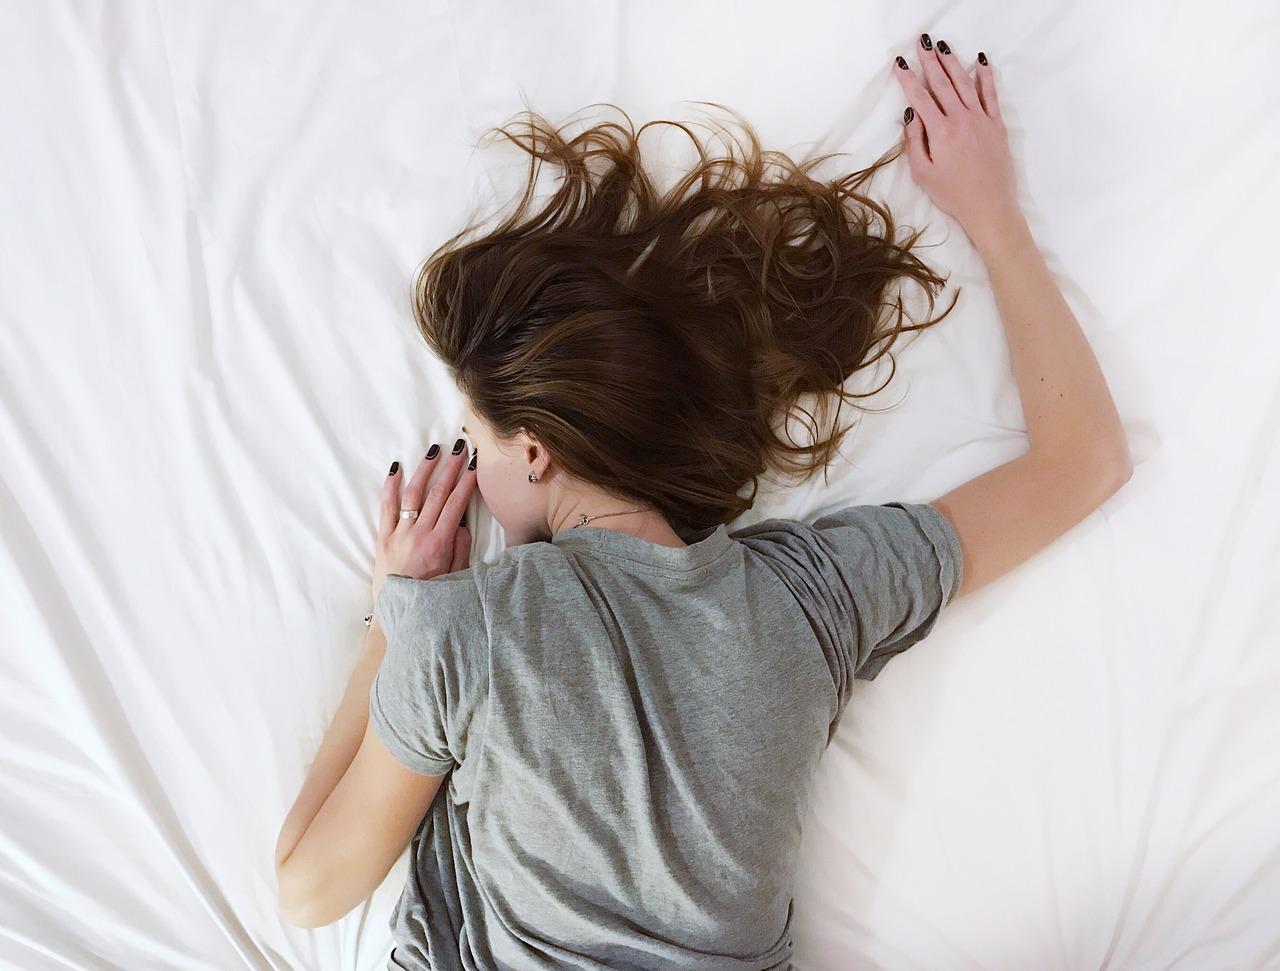 """Большинство людей думают, что здоровье и фитнес требуют серьезных затрат времени и энергии. Современная жизнь может быть настолько насыщенной, что может показаться трудным найти время для своего здоровья. Вот несколько простых советов, которые могут заставить вас пересмотреть вопросы своего здоровья. Существует множество способов, с помощью которых вы можете сосредоточиться на своем здоровье, фитнесе и общем самочувствии, не жертвуя большим времени из своего ежедневного графика. Как же так? Читайте дальше, чтобы узнать больше.  Получите регулярный, качественный сон  Хороший качественный сон оказывает большое влияние на общее здоровье и физическую форму. Сон помогает телу и разуму восстанавливать и регулировать основные функции здоровья. Если вы пропускаете сон, ваше общее самочувствие будет страдать. У вас будут проблемы с концентрацией внимания, ваш метаболизм замедлится, ваше тело будет """"пытаться"""" идти в ногу с повседневной деятельностью, и вы будете в целом чувствовать себя плохо. Ваша память и психическое здоровье также сильно зависят от сна. Старайтесь спать по восемь часов в сутки. Соблюдайте хорошую гигиену сна, а это означает, что не смотрите телевизор, планшеты, ноутбуки или смартфоны по крайней мере за полчаса до того, как ложитесь спать.  Начните готовить еду заранее  Ваша диета необходима для вашего здоровья и физической формы, а напряженный образ жизни может оказать действительно негативное влияние на то, что вы едите. Легко перекусить и съесть мусор, когда у вас нет времени готовить, но приготовление пищи заранее - отличный способ противостоять этому. Выделите время, чтобы приготовить несколько больших, здоровых блюд в большом количестве. Вы найдете множество планов подготовки здорового питания в интернете.  Сосредоточьтесь на простых упражнениях  Когда речь заходит о регулярных упражнениях, найти 30-60 минут для тренировки идеально, но это не всегда возможно. Если вы часто оказываетесь слишком заняты, чтобы найти такое время, разбейте свою тренировку """